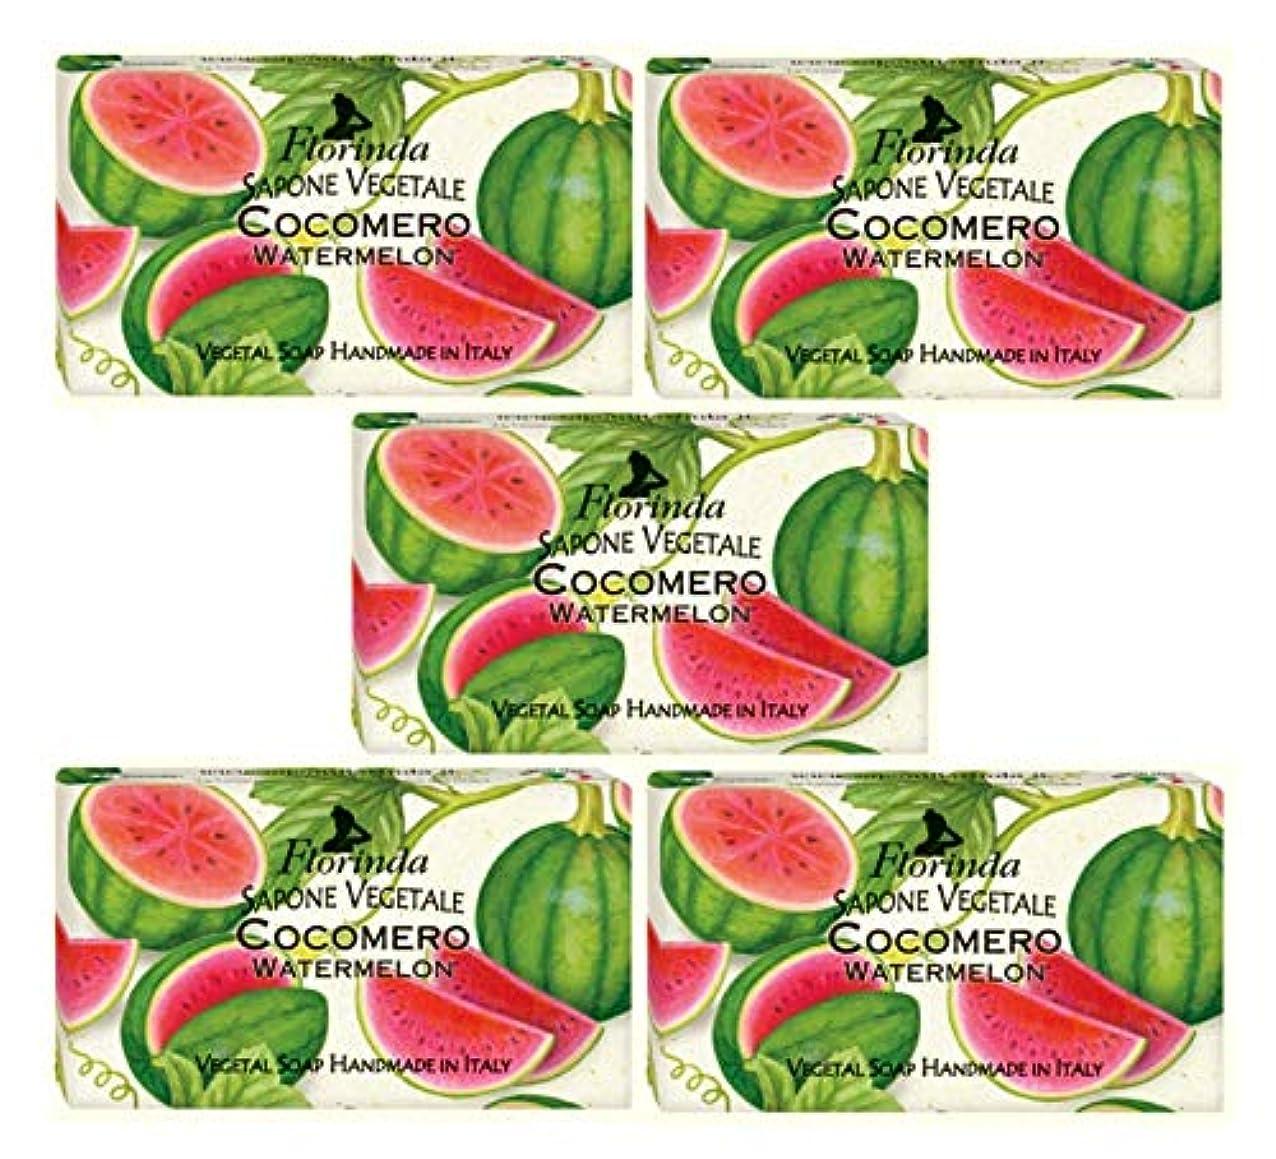 排除意味するうめき声フロリンダ フレグランスソープ 固形石けん フルーツの香り ウォーターメロン 95g×5個セット